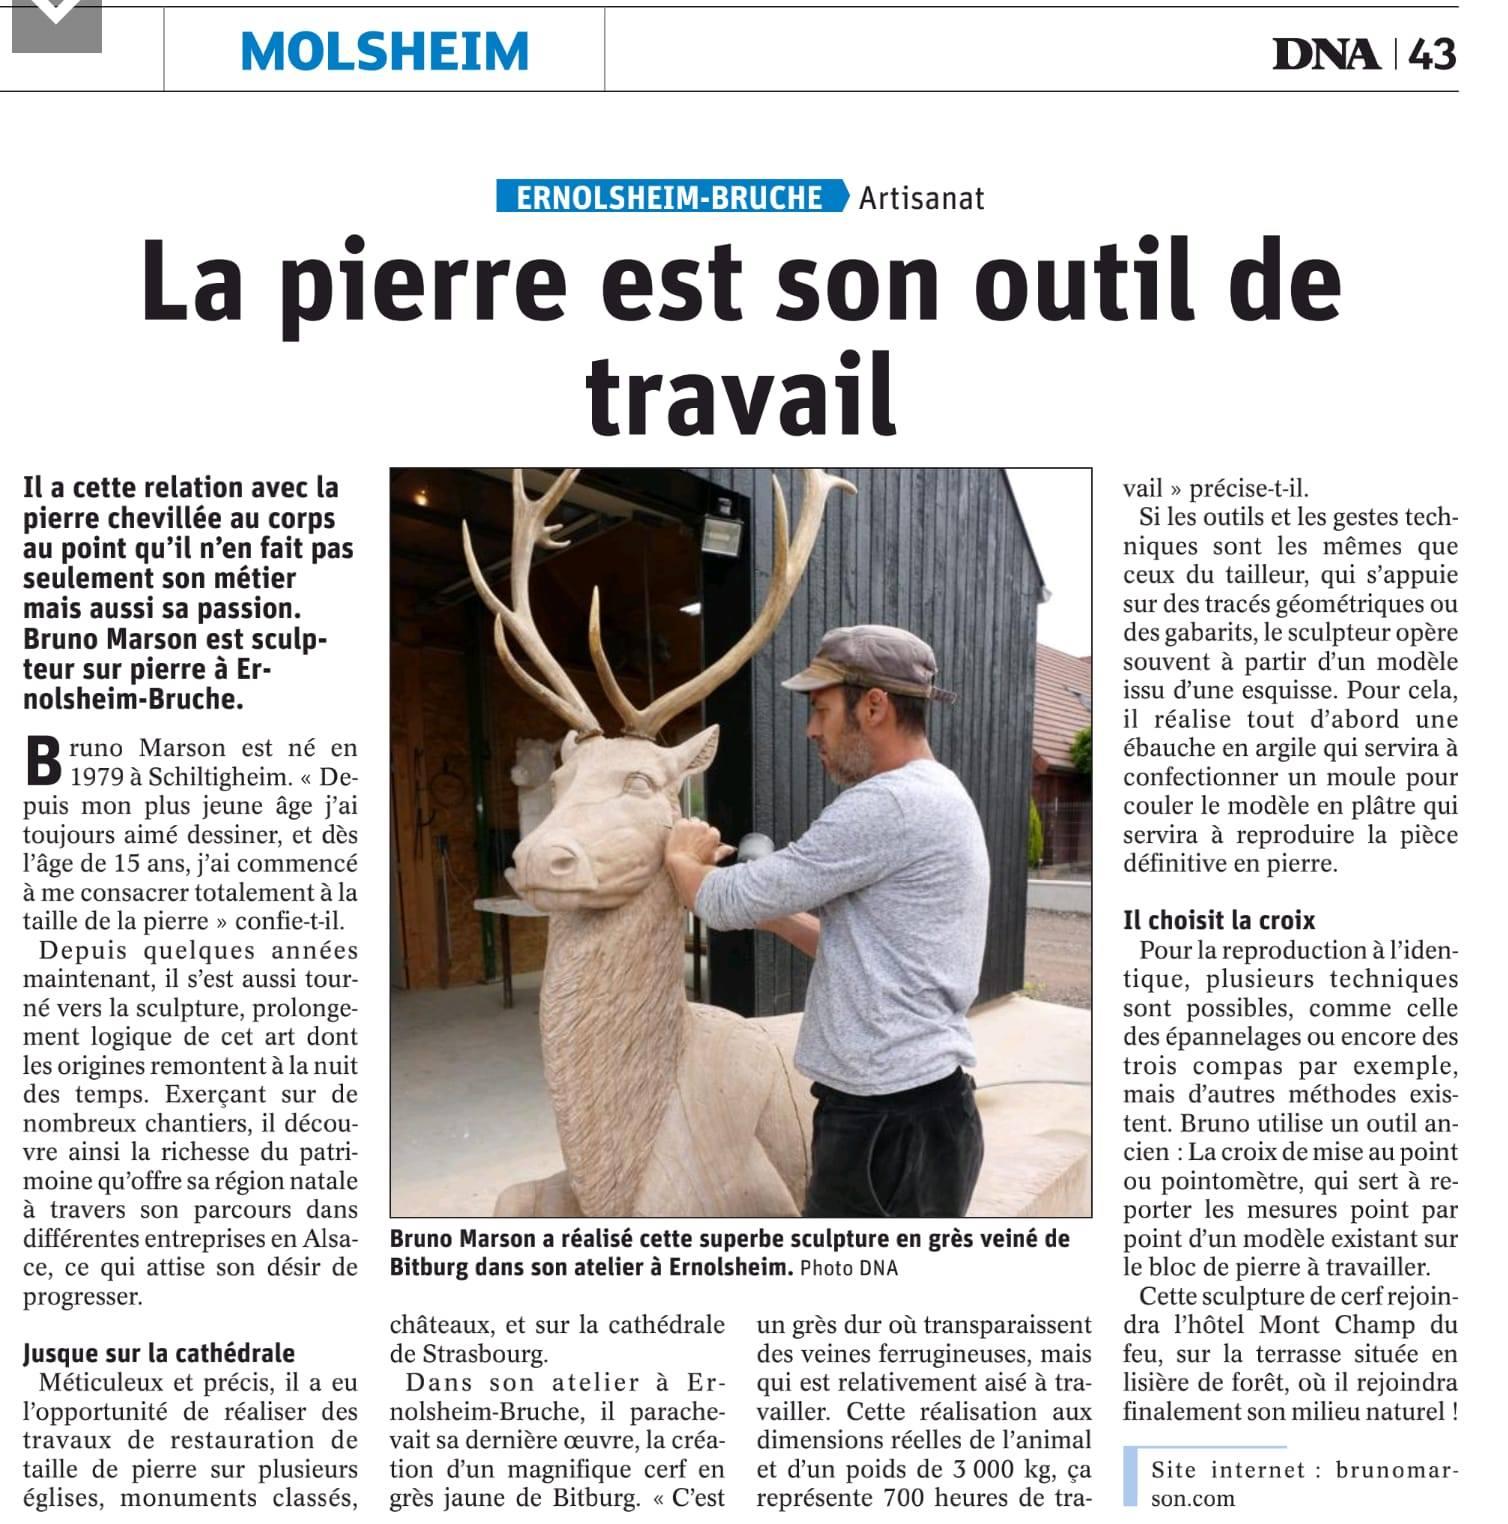 Article DNA-bruno marson tailleur de pierre et sculpteur ernolsheim bruche strasbourg